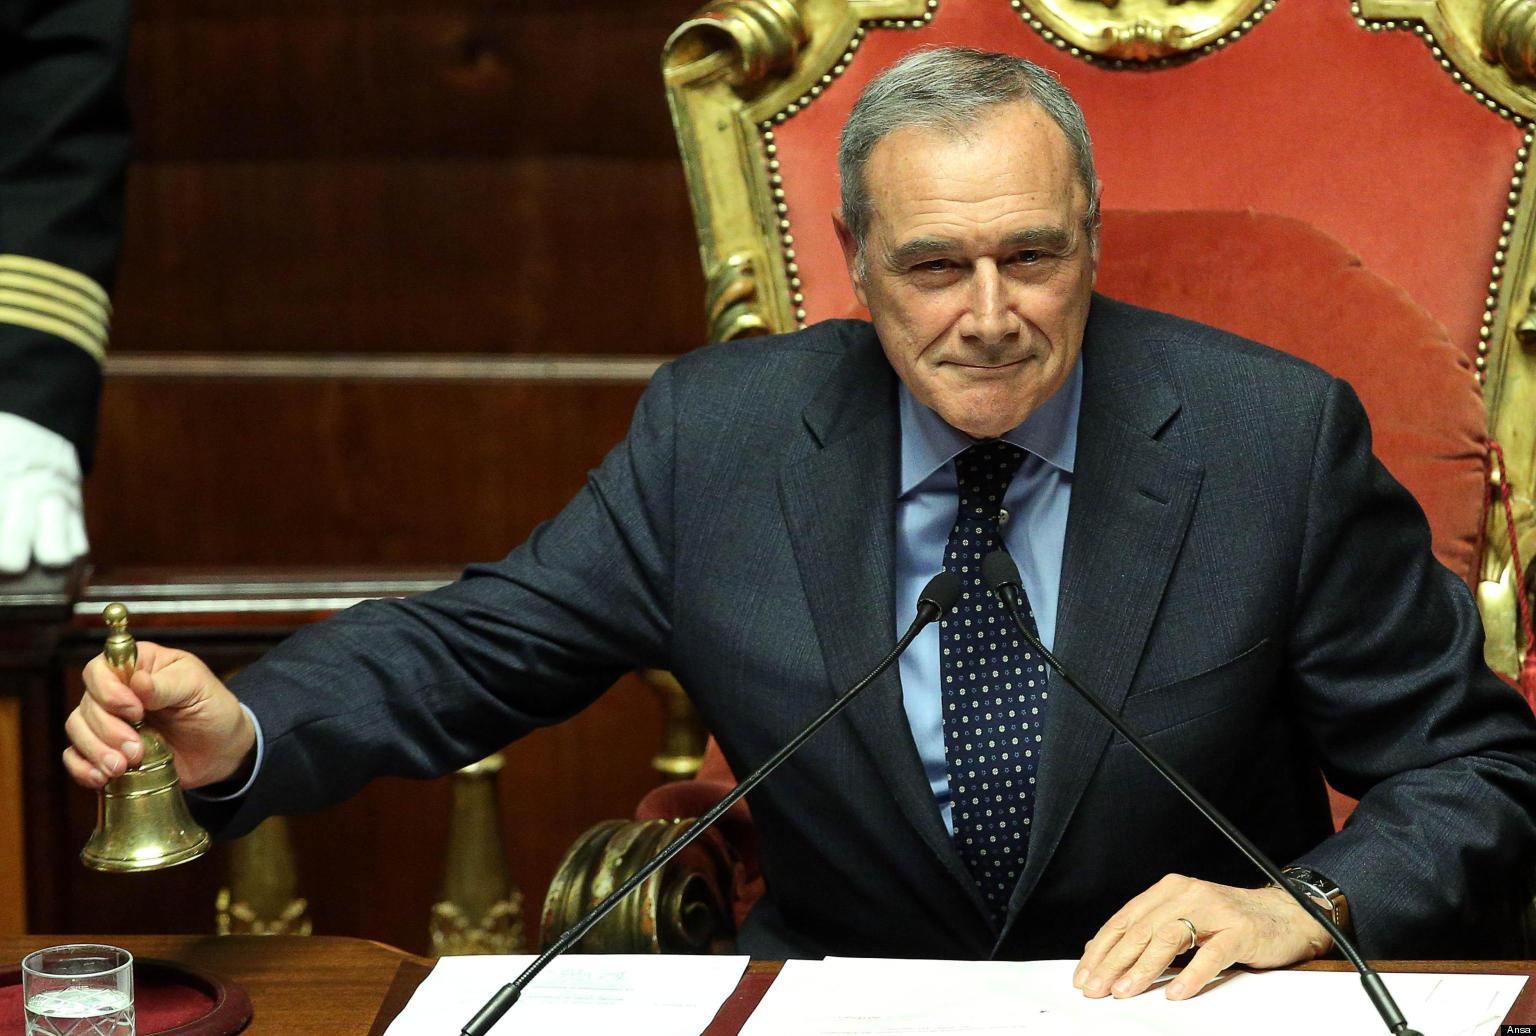 Pietro Grasso, neopresidente del Senato, durante il discorso dopo la sua elezione nell'aula del Senato, Roma, 16 marzo 2013.  ANSA/ ALESSANDRO DI MEO